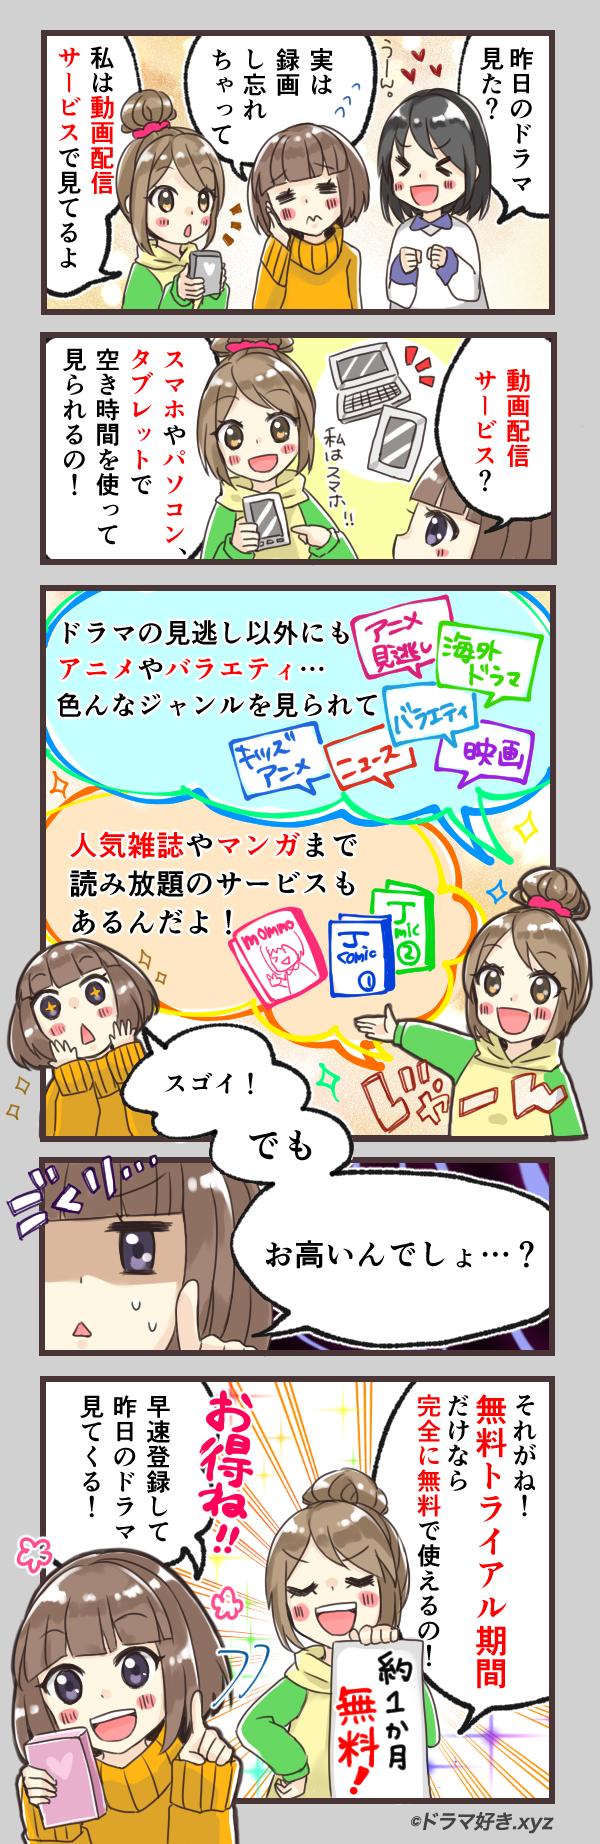 ドラマ好き.xyz オリジナル漫画